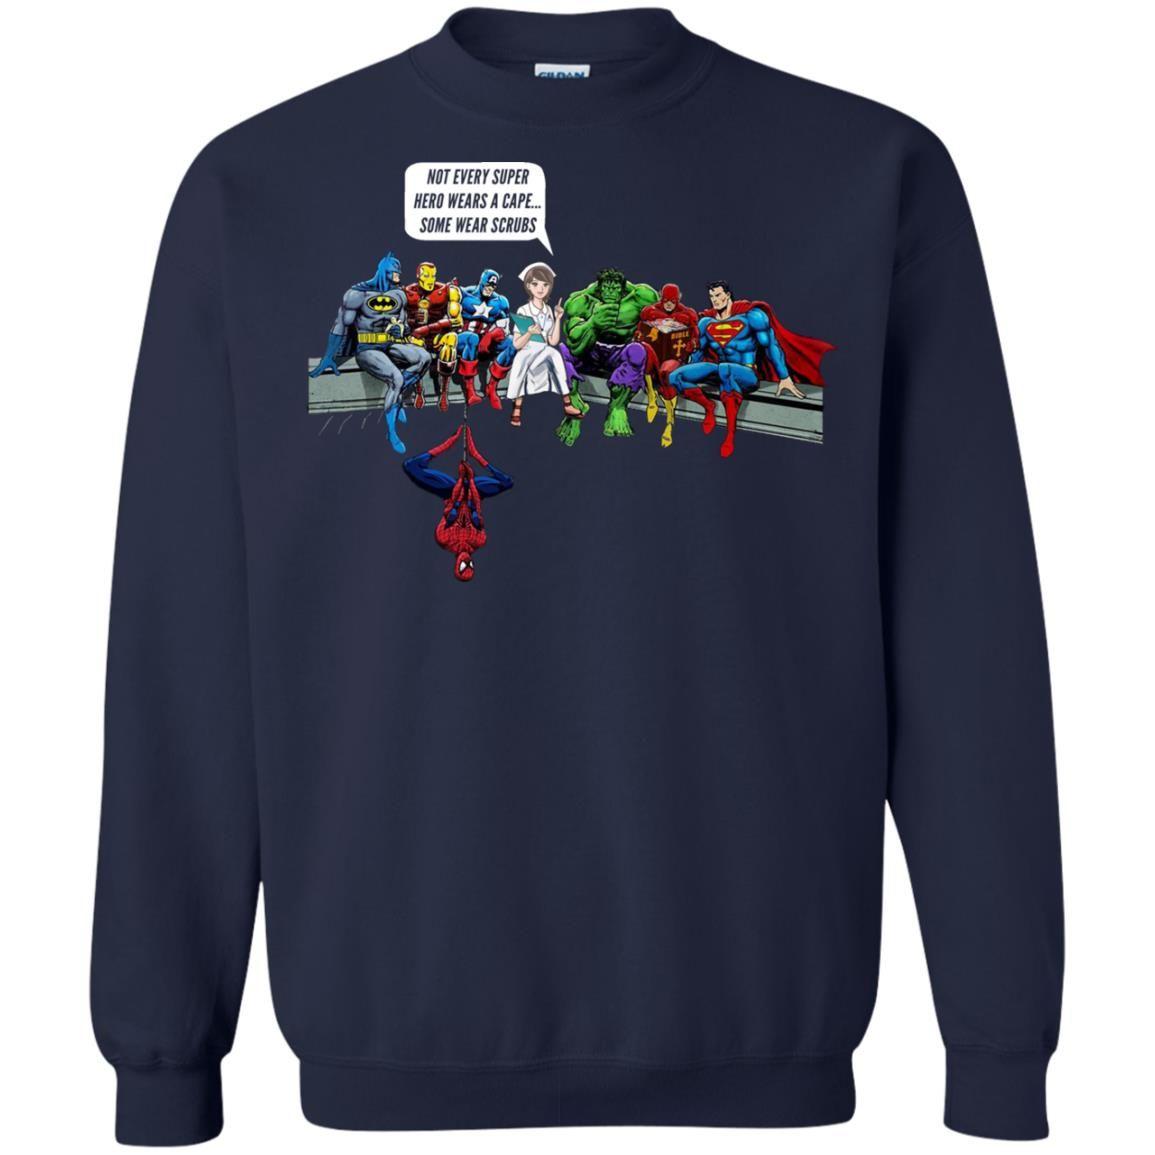 image 1899 - Nurse and Superheroes shirt, hoodie, tank top